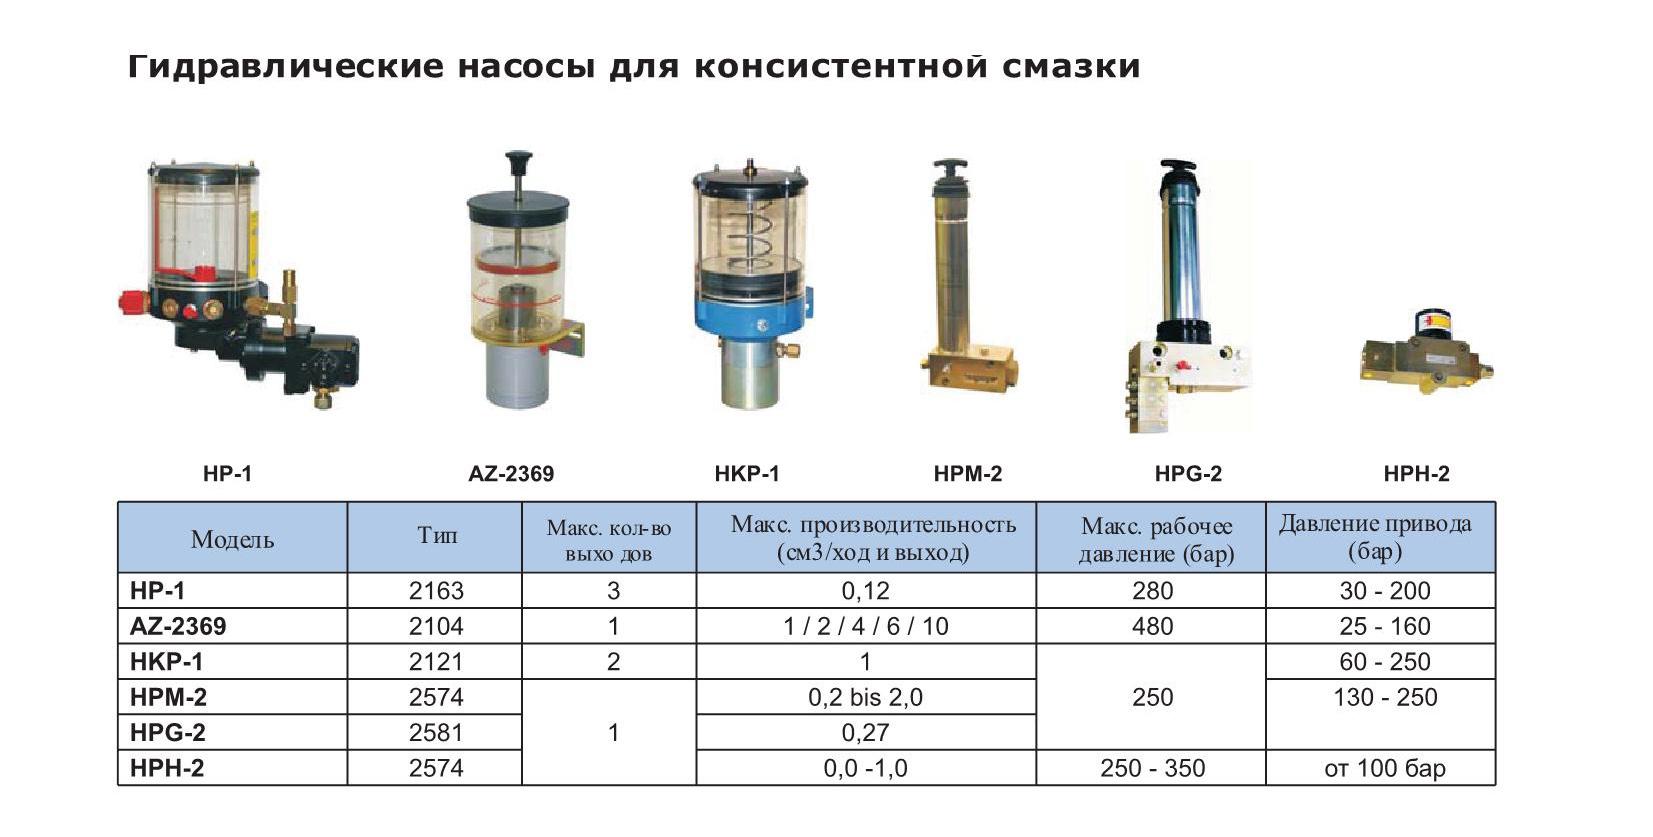 Гидравлический насос для консистентной смазки BEKA